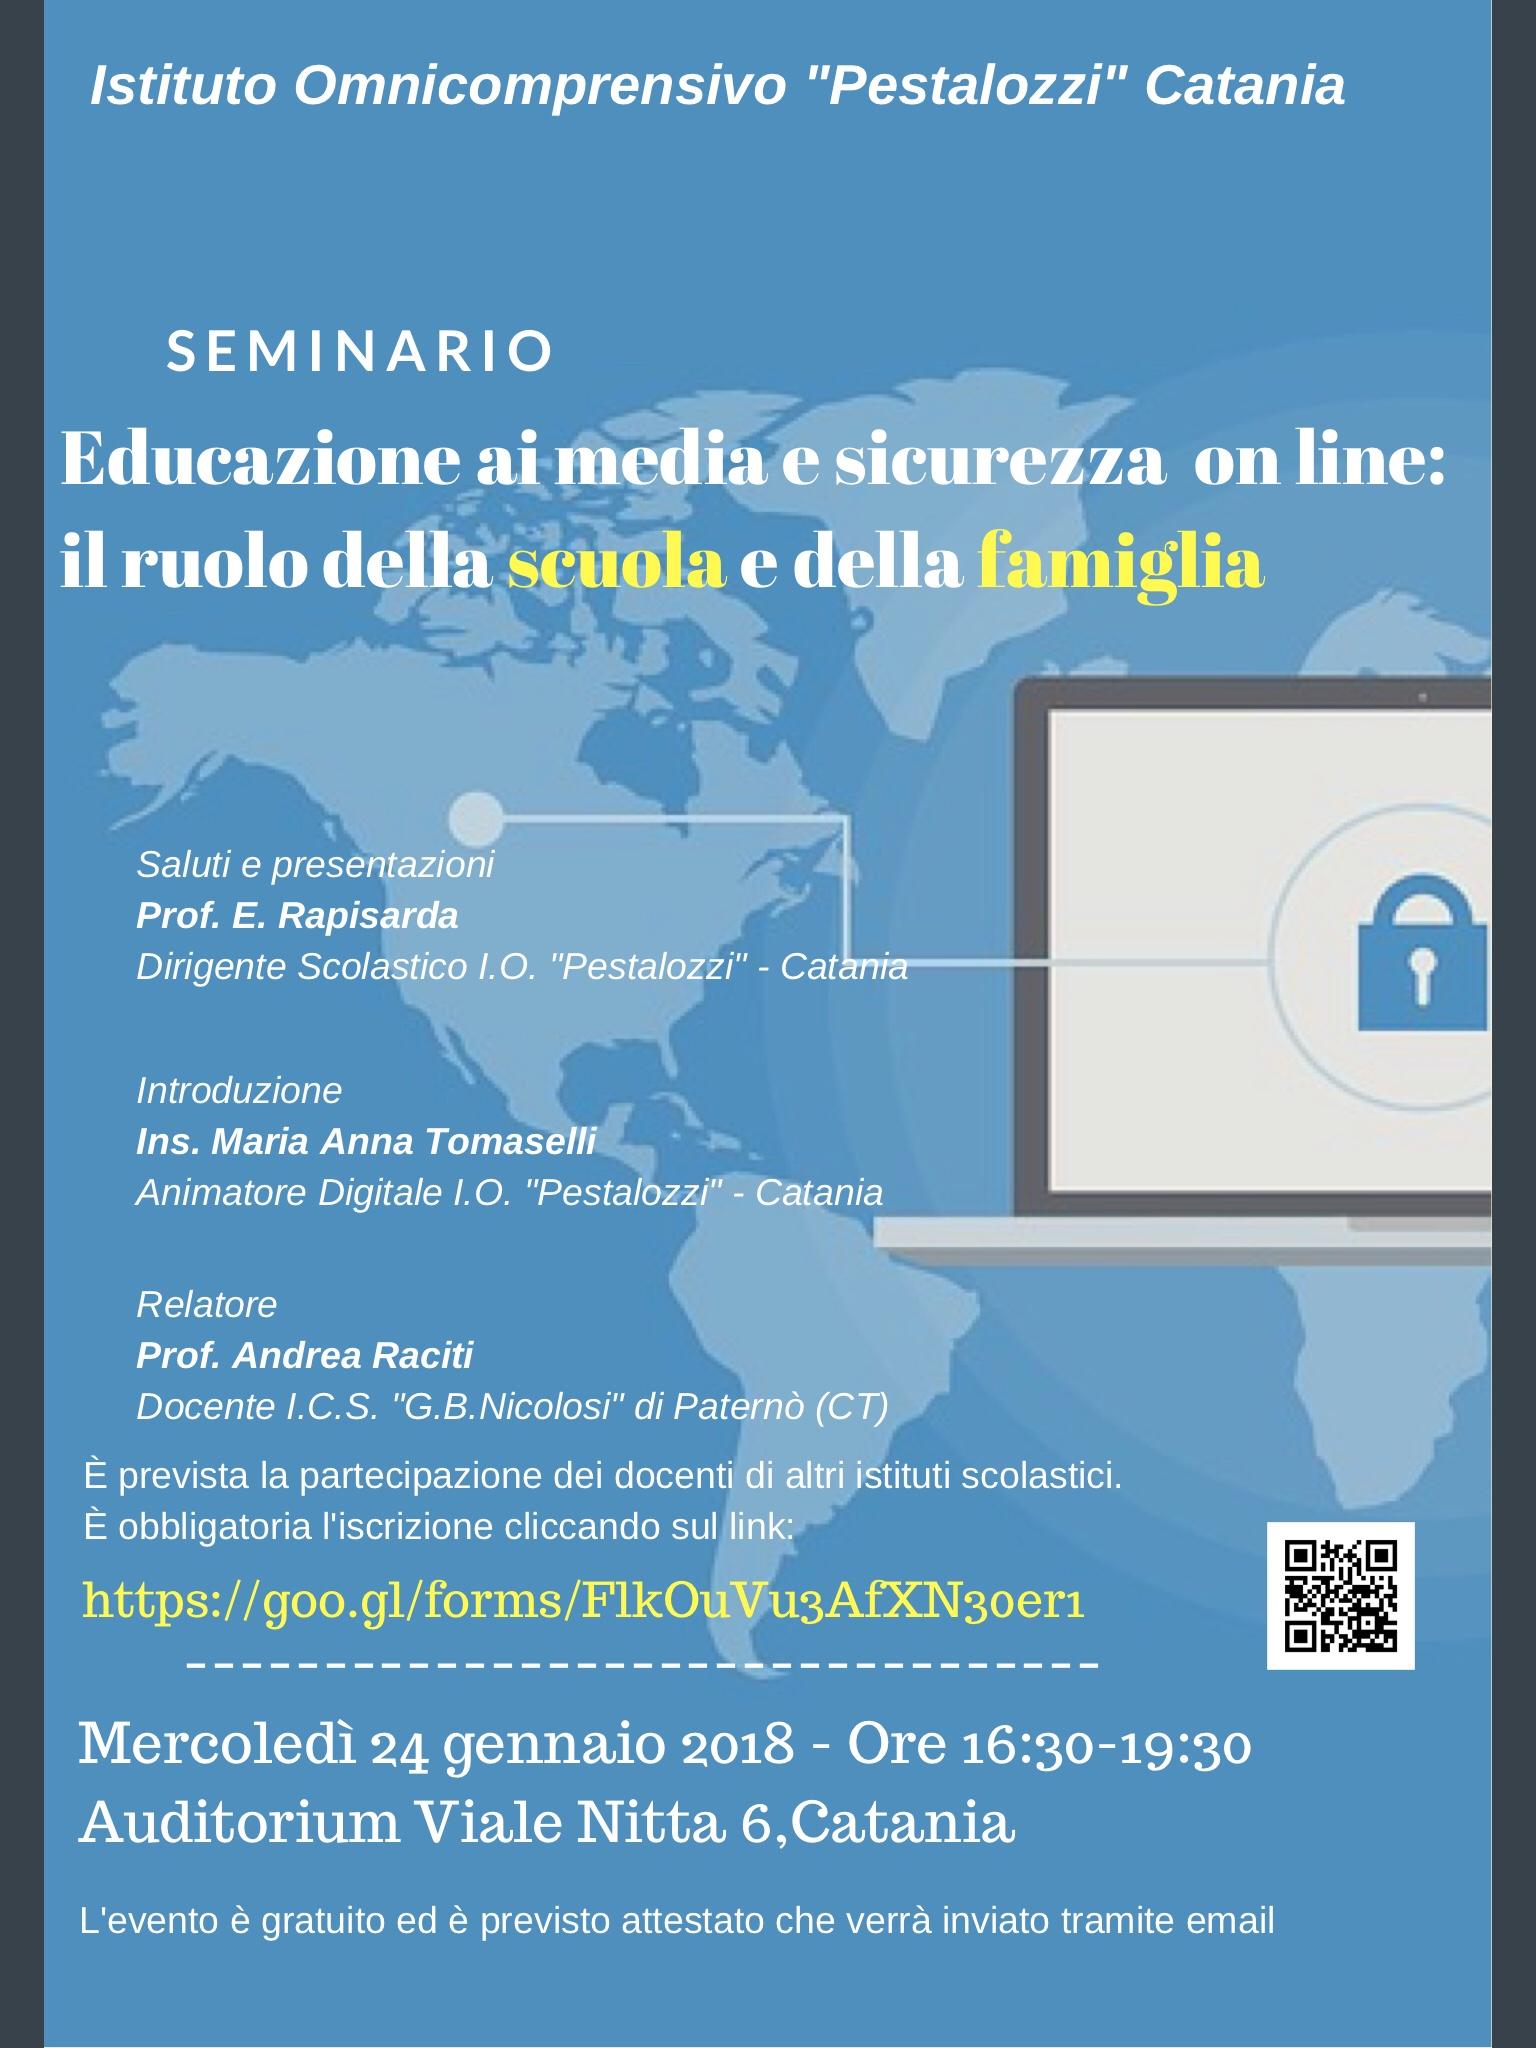 Locandina seminario Educazione ai media e sicurezza on line: il ruolo della scuola e della famiglia